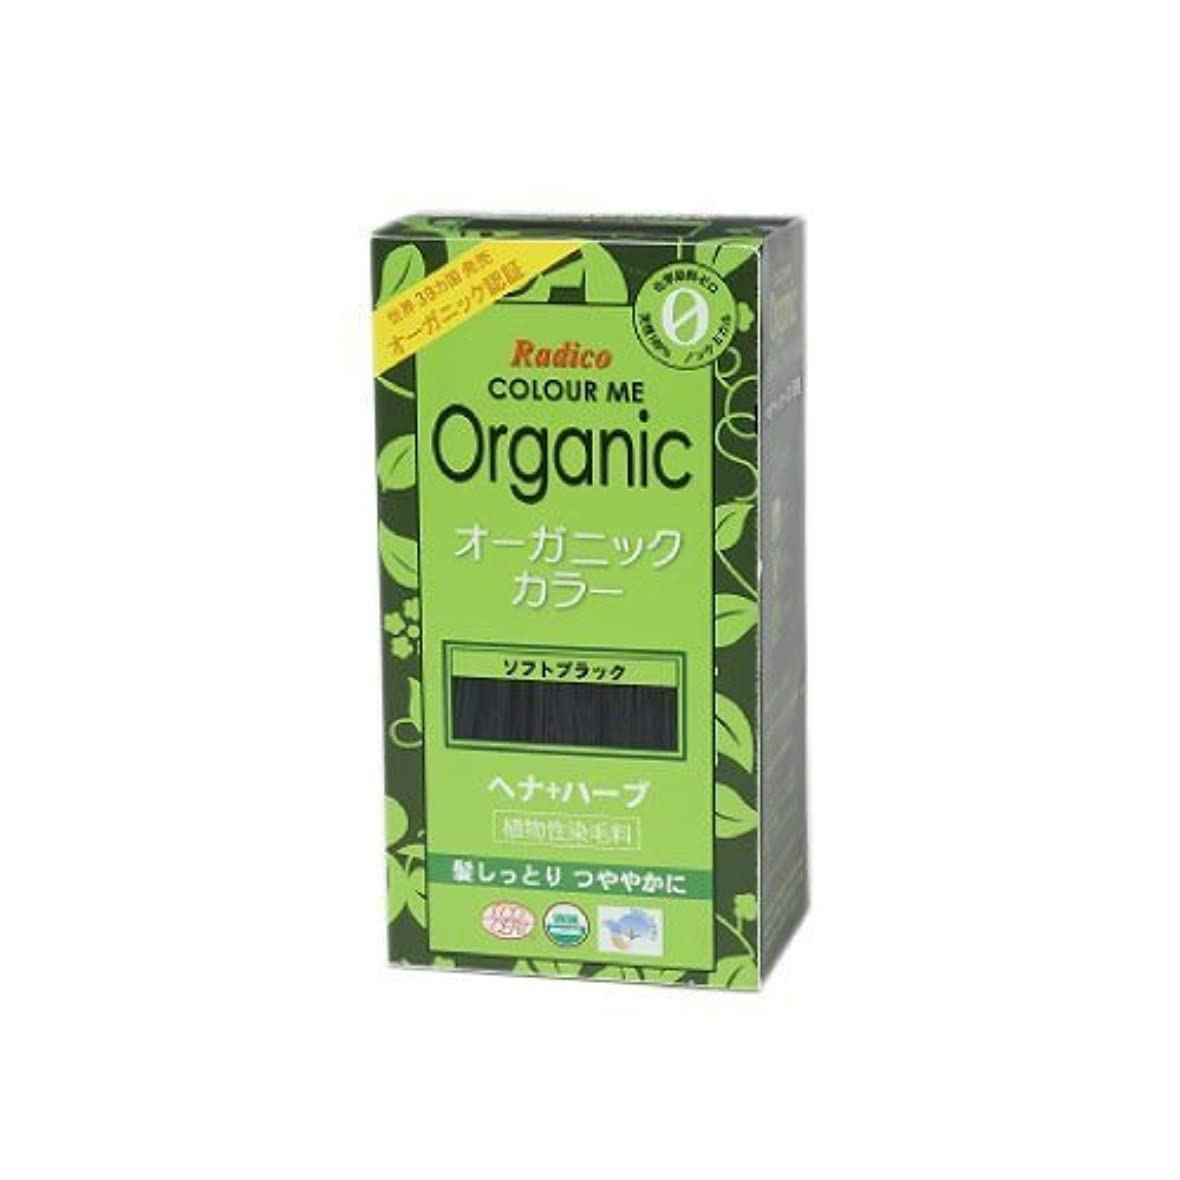 抵当タフ農業COLOURME Organic (カラーミーオーガニック ヘナ 白髪用 髪色戻し) ソフトブラック 100g